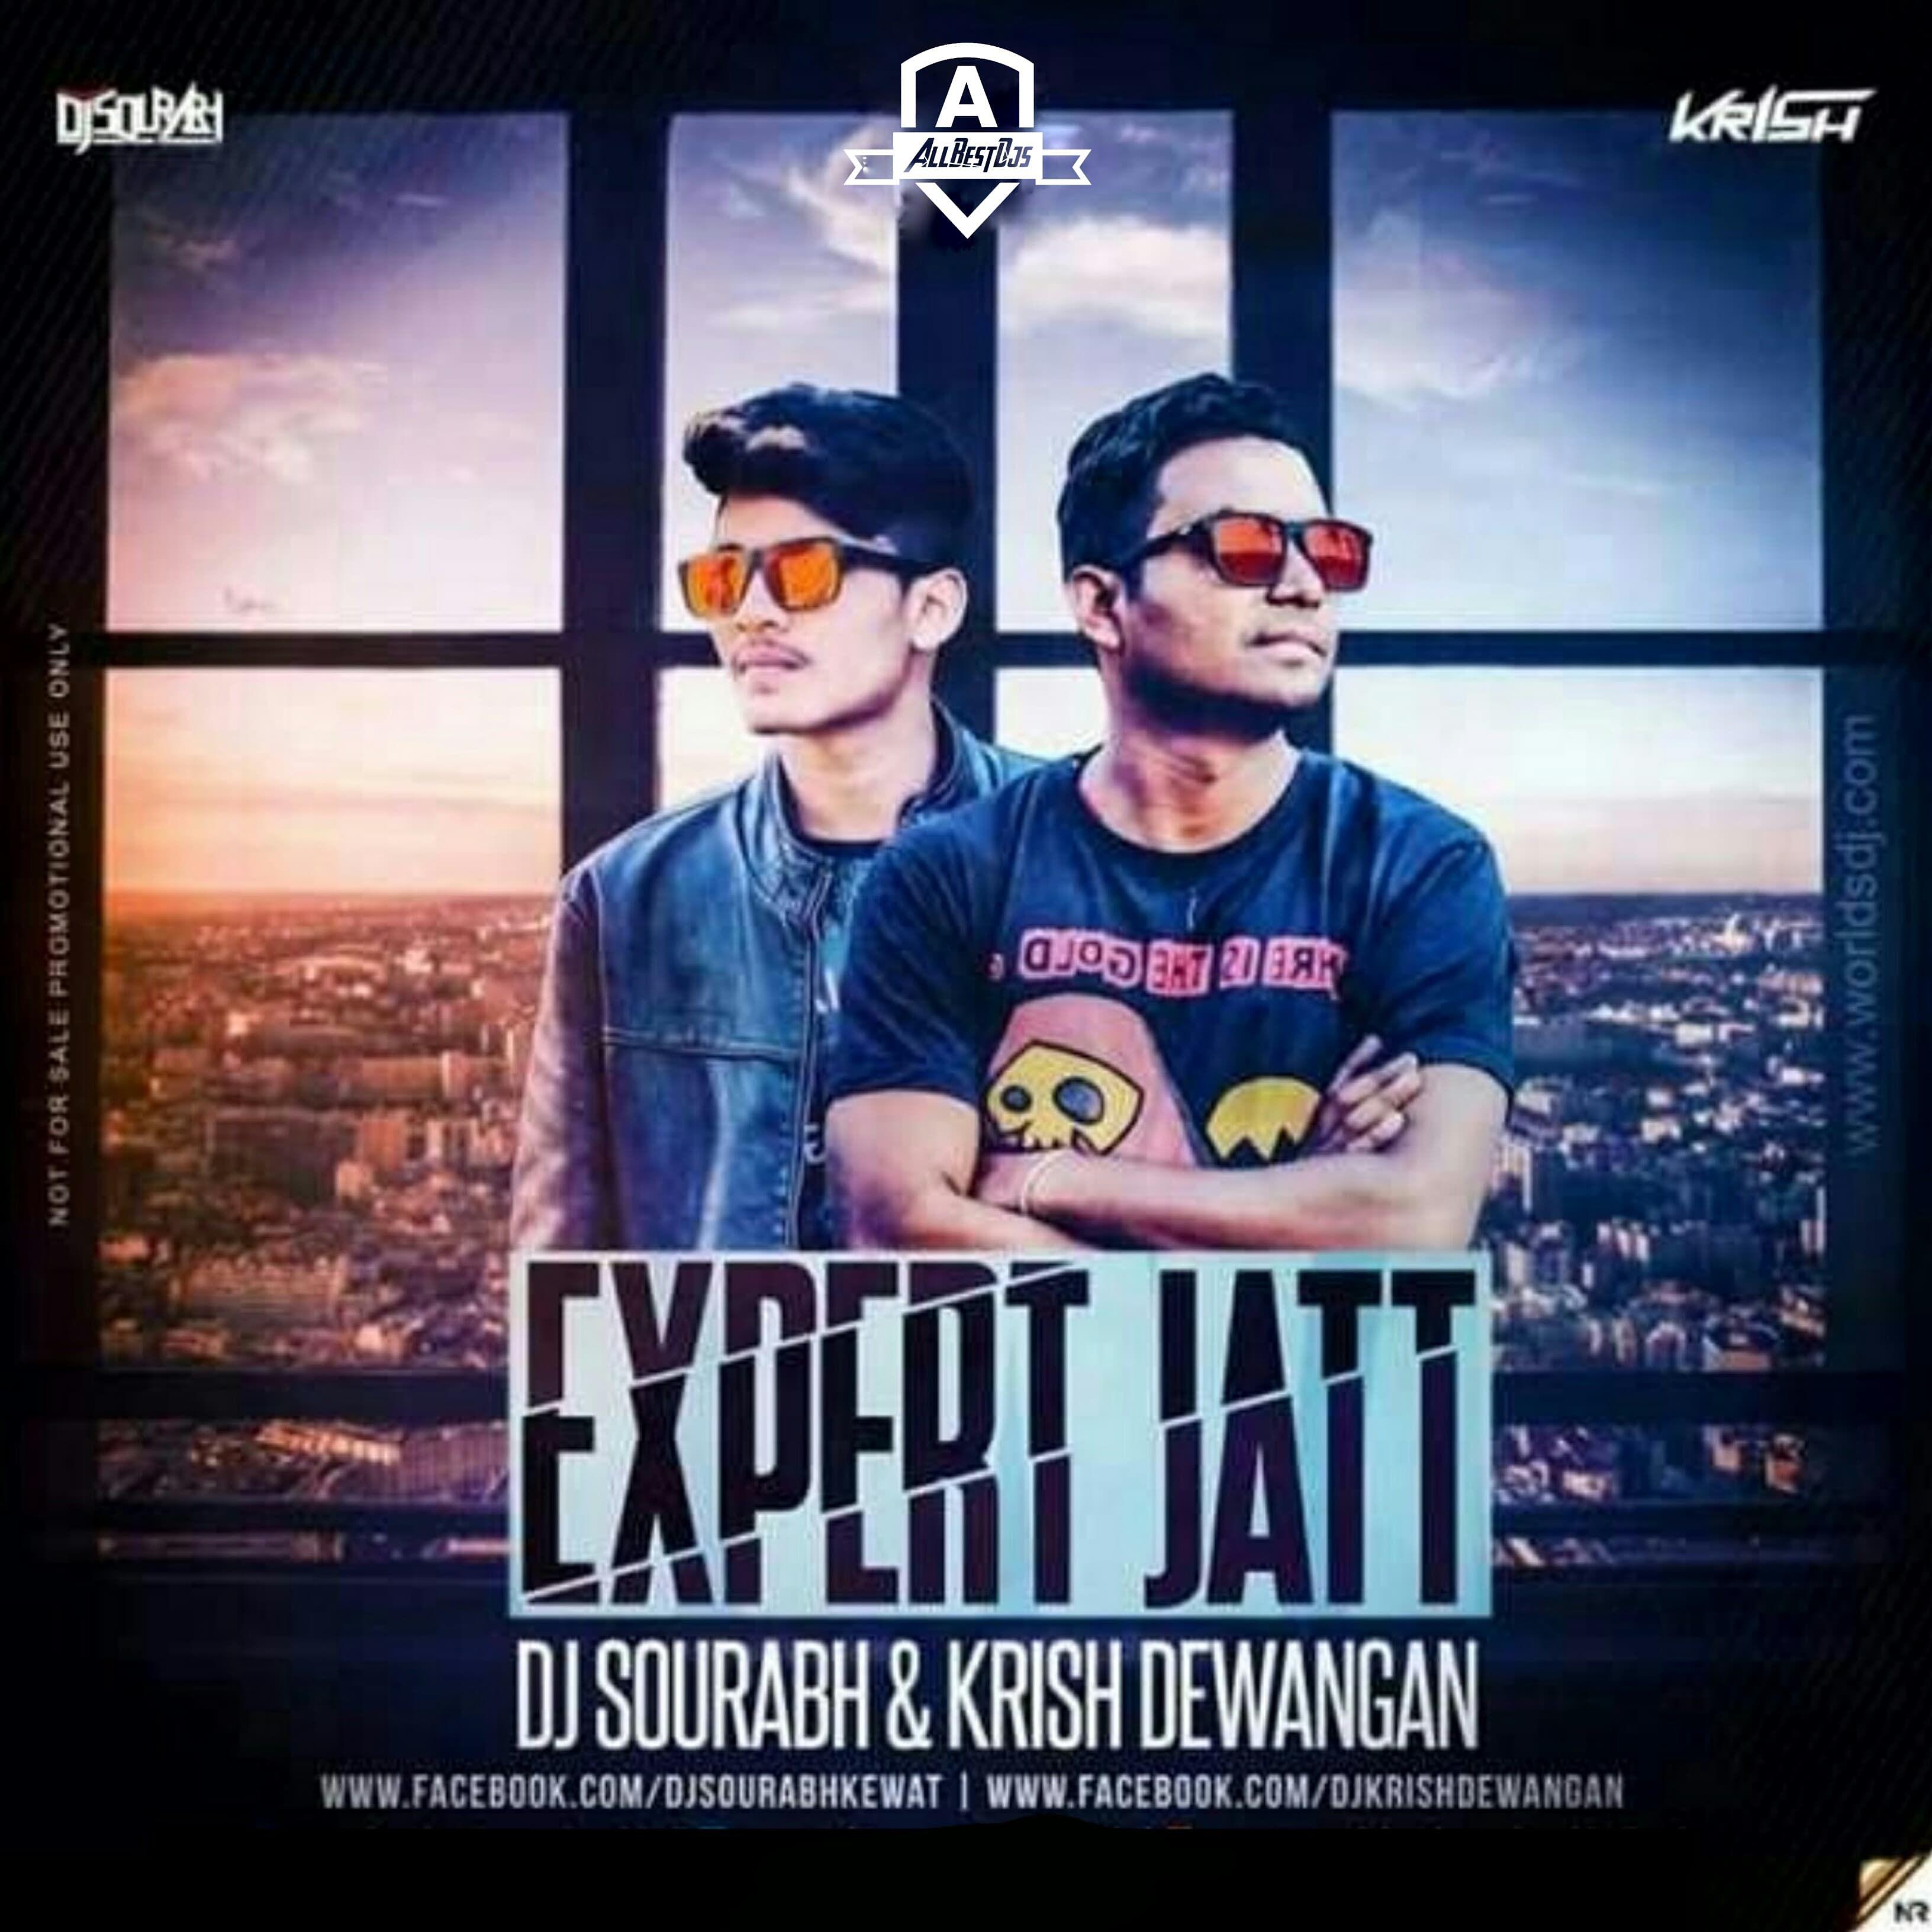 Expert Jatt (Remix) – Dj Sourabh & Krish Dewangan | All Best